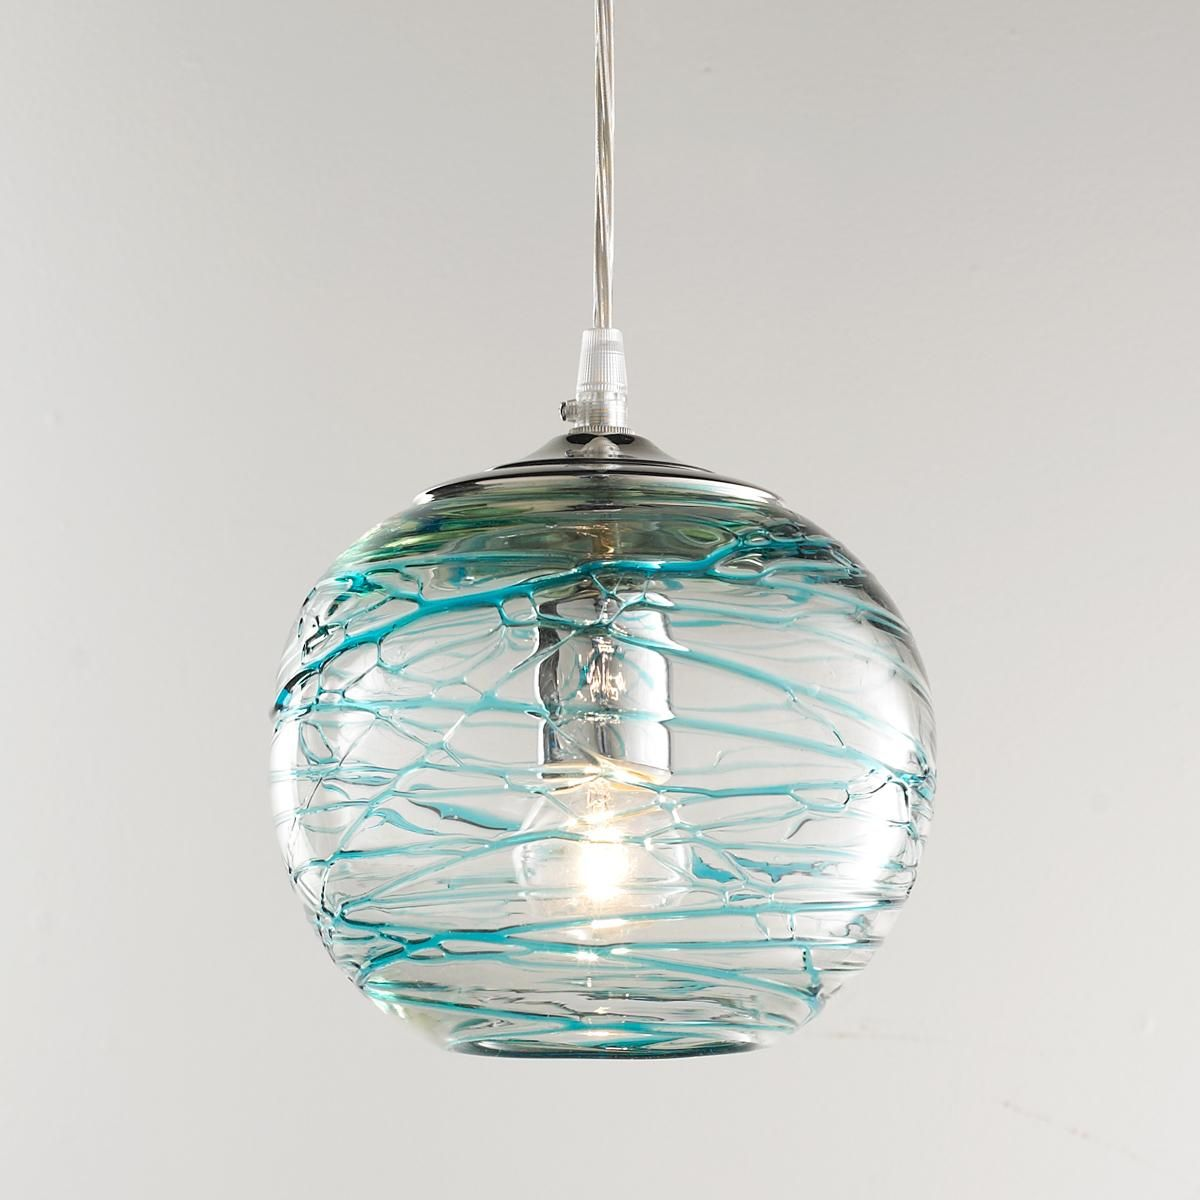 Swirling Glass Globe Pendant Light | Globe pendant light, Globe ...